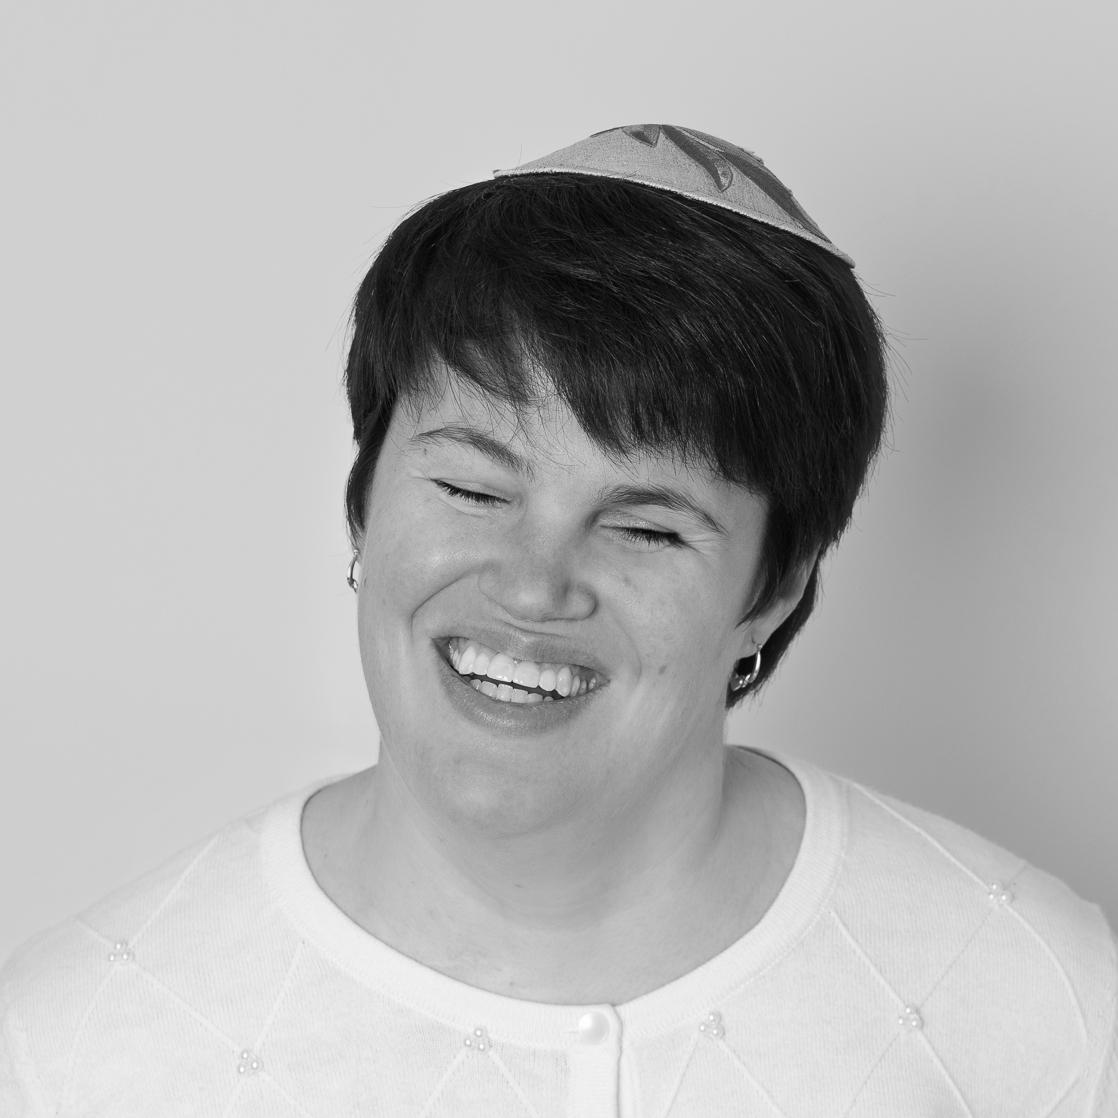 Rabbi Lauren Tuchman smiling headshot